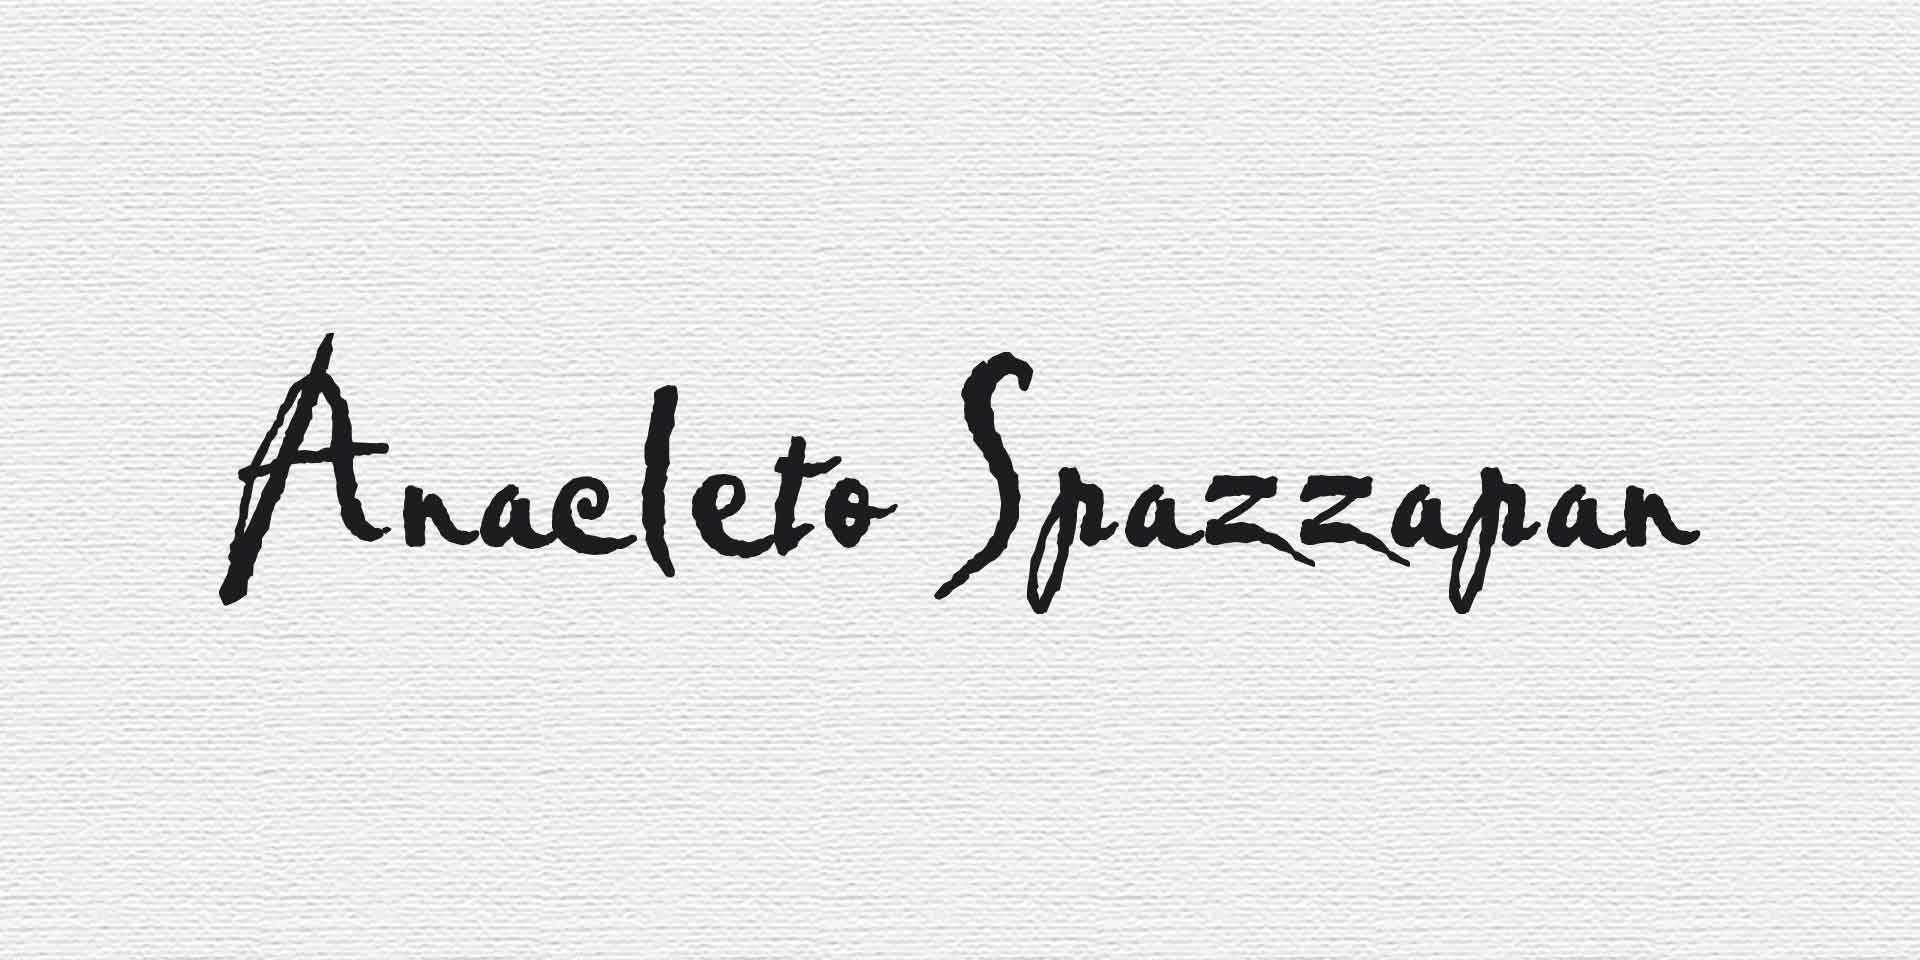 Anacleto Spazzapan